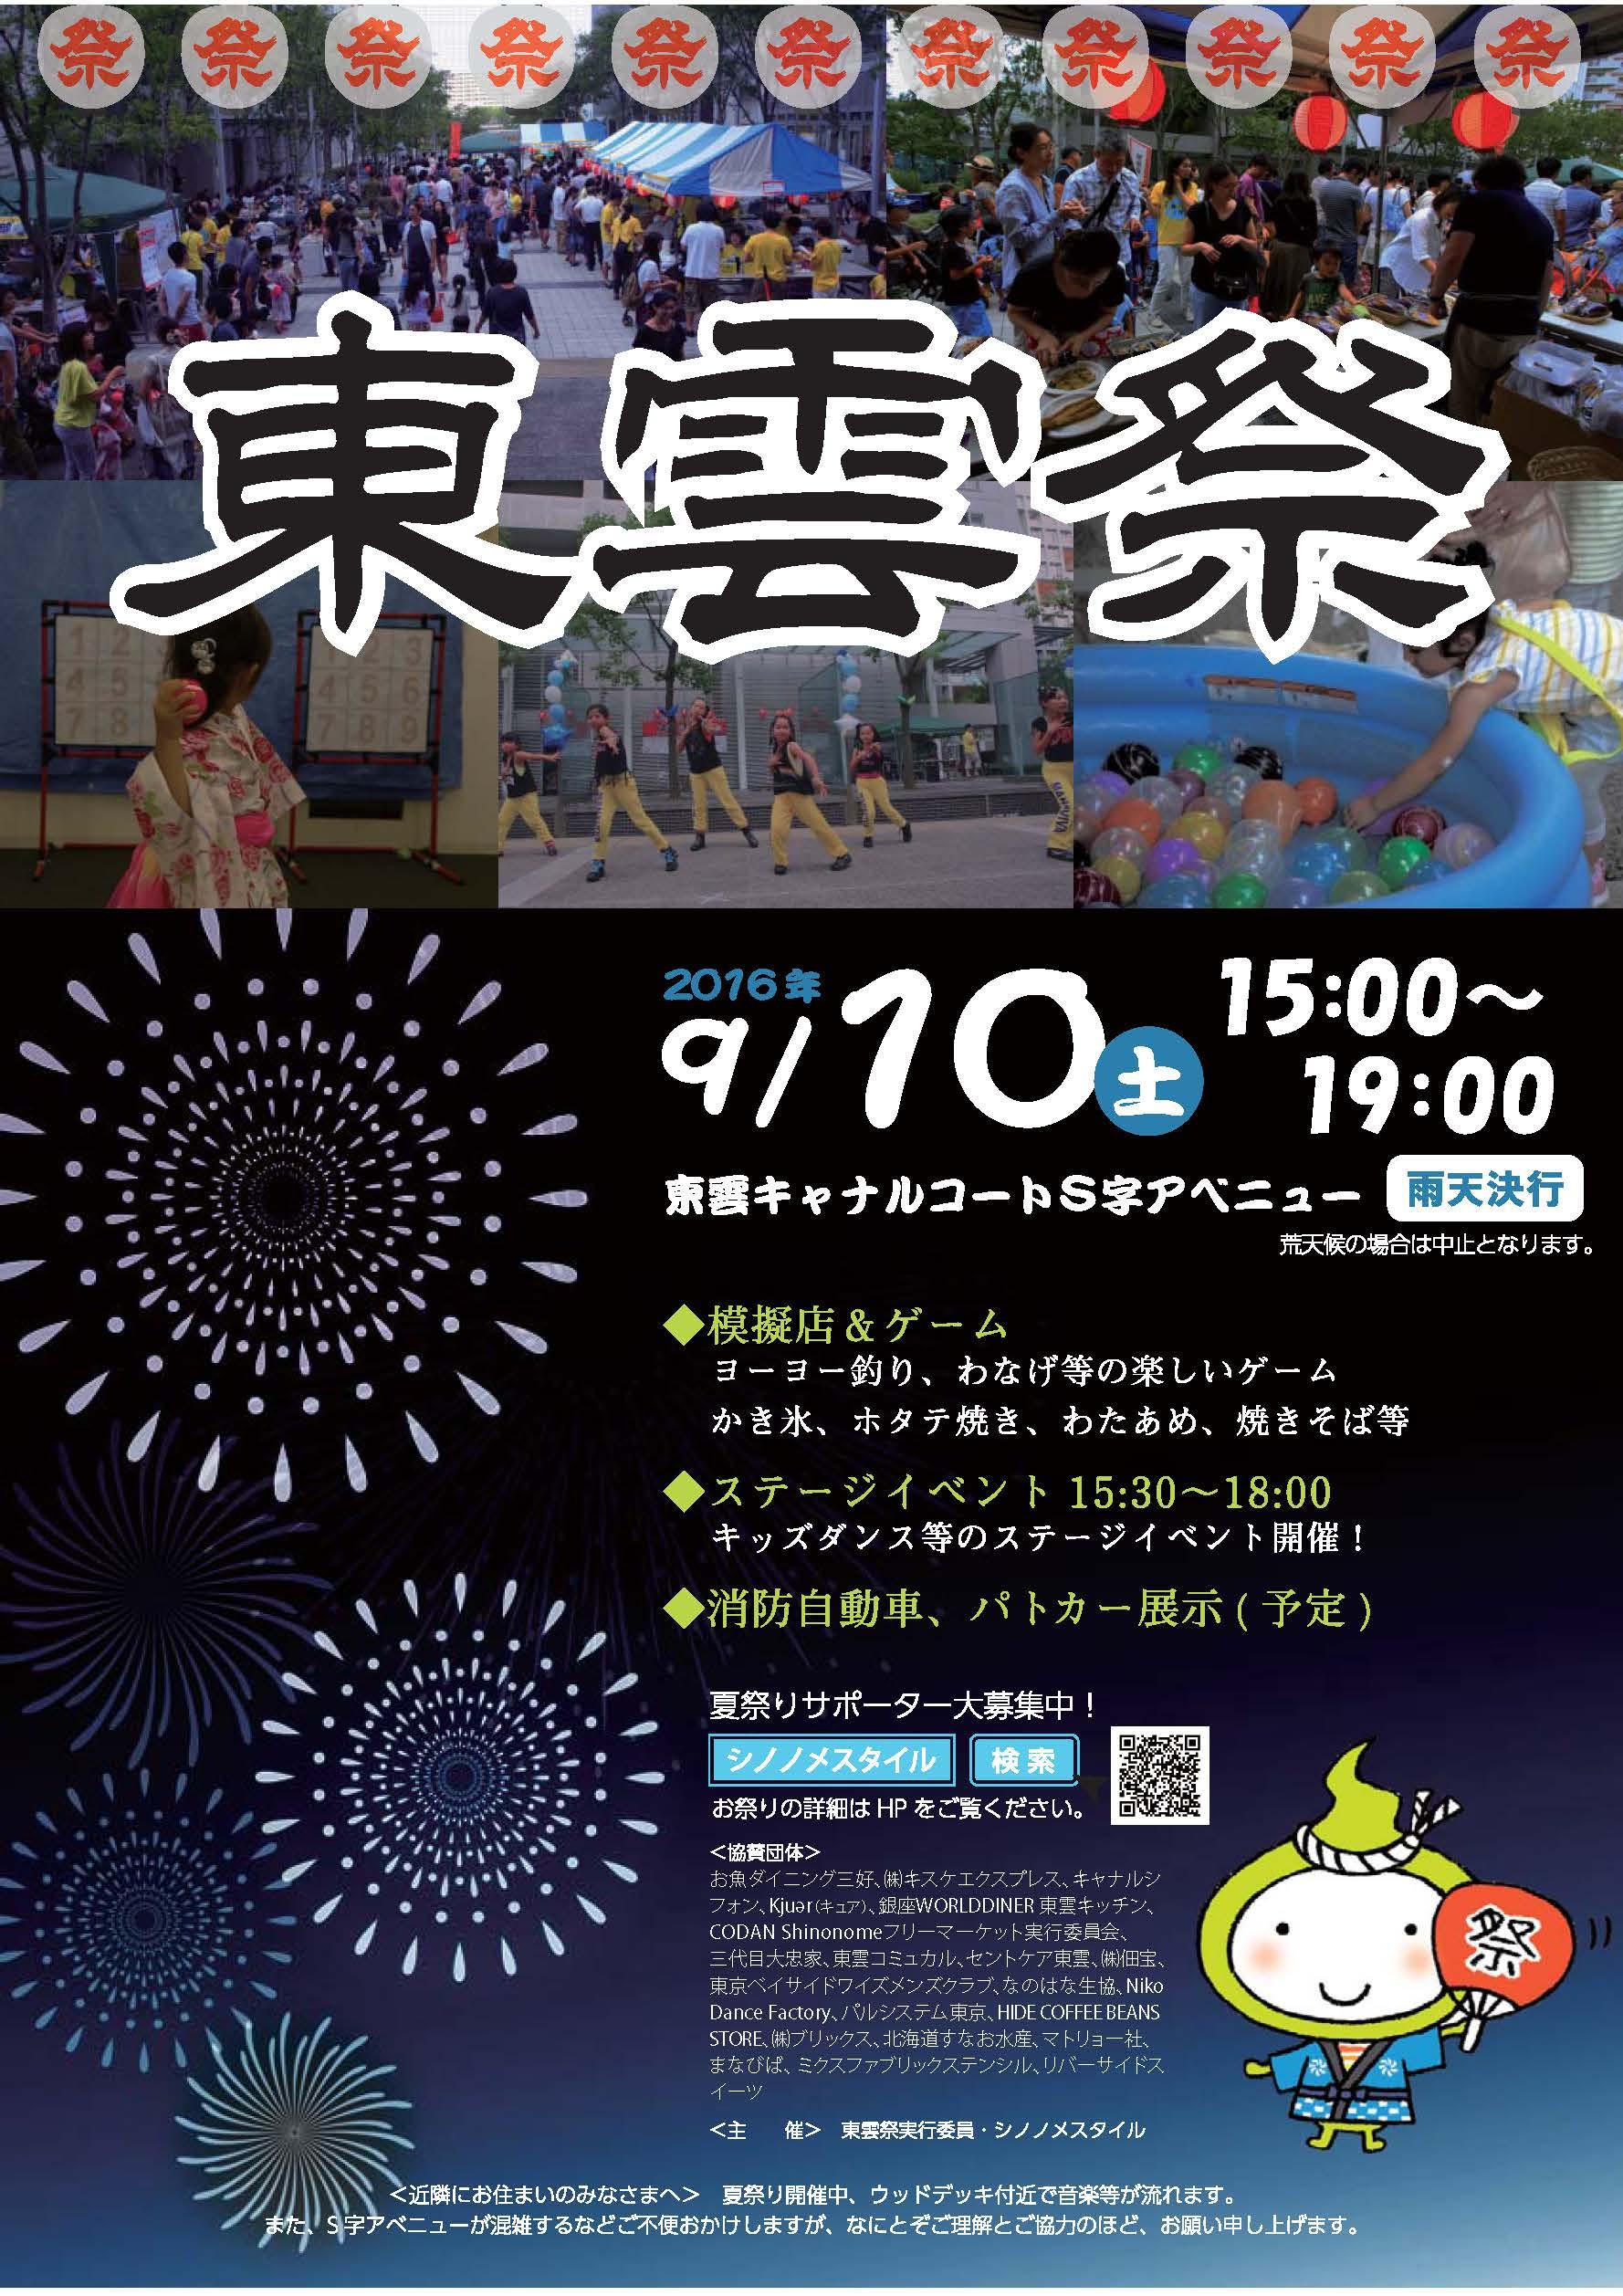 0824東雲祭ポスター2016